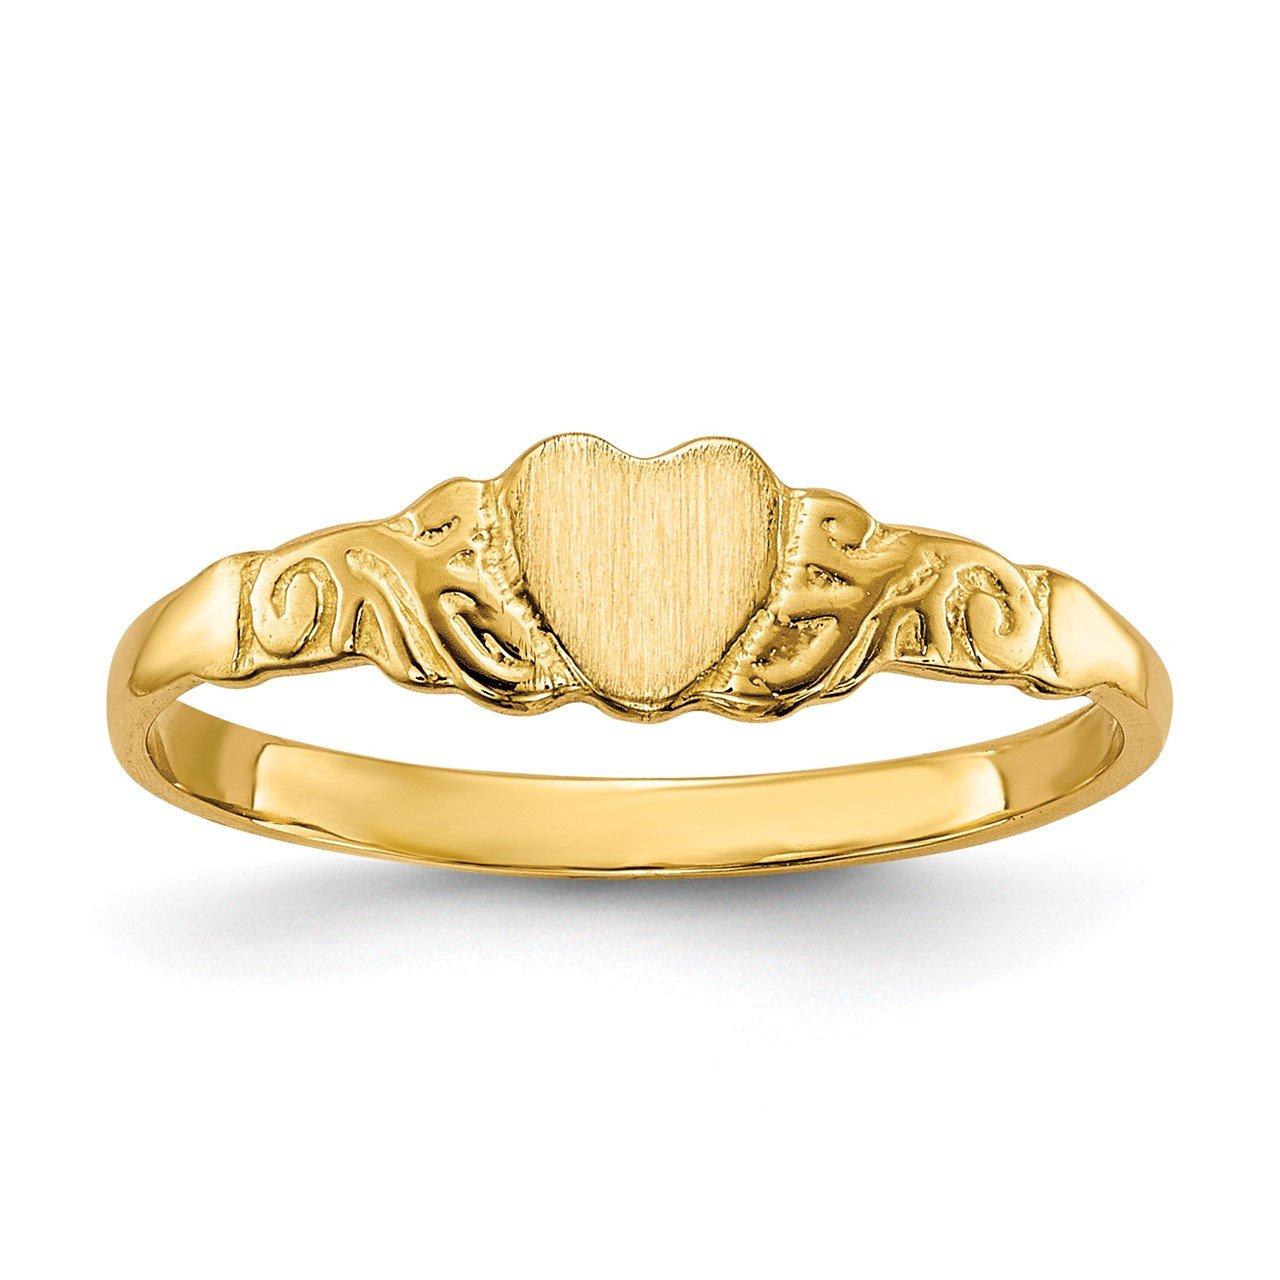 14k Childs Heart Ring